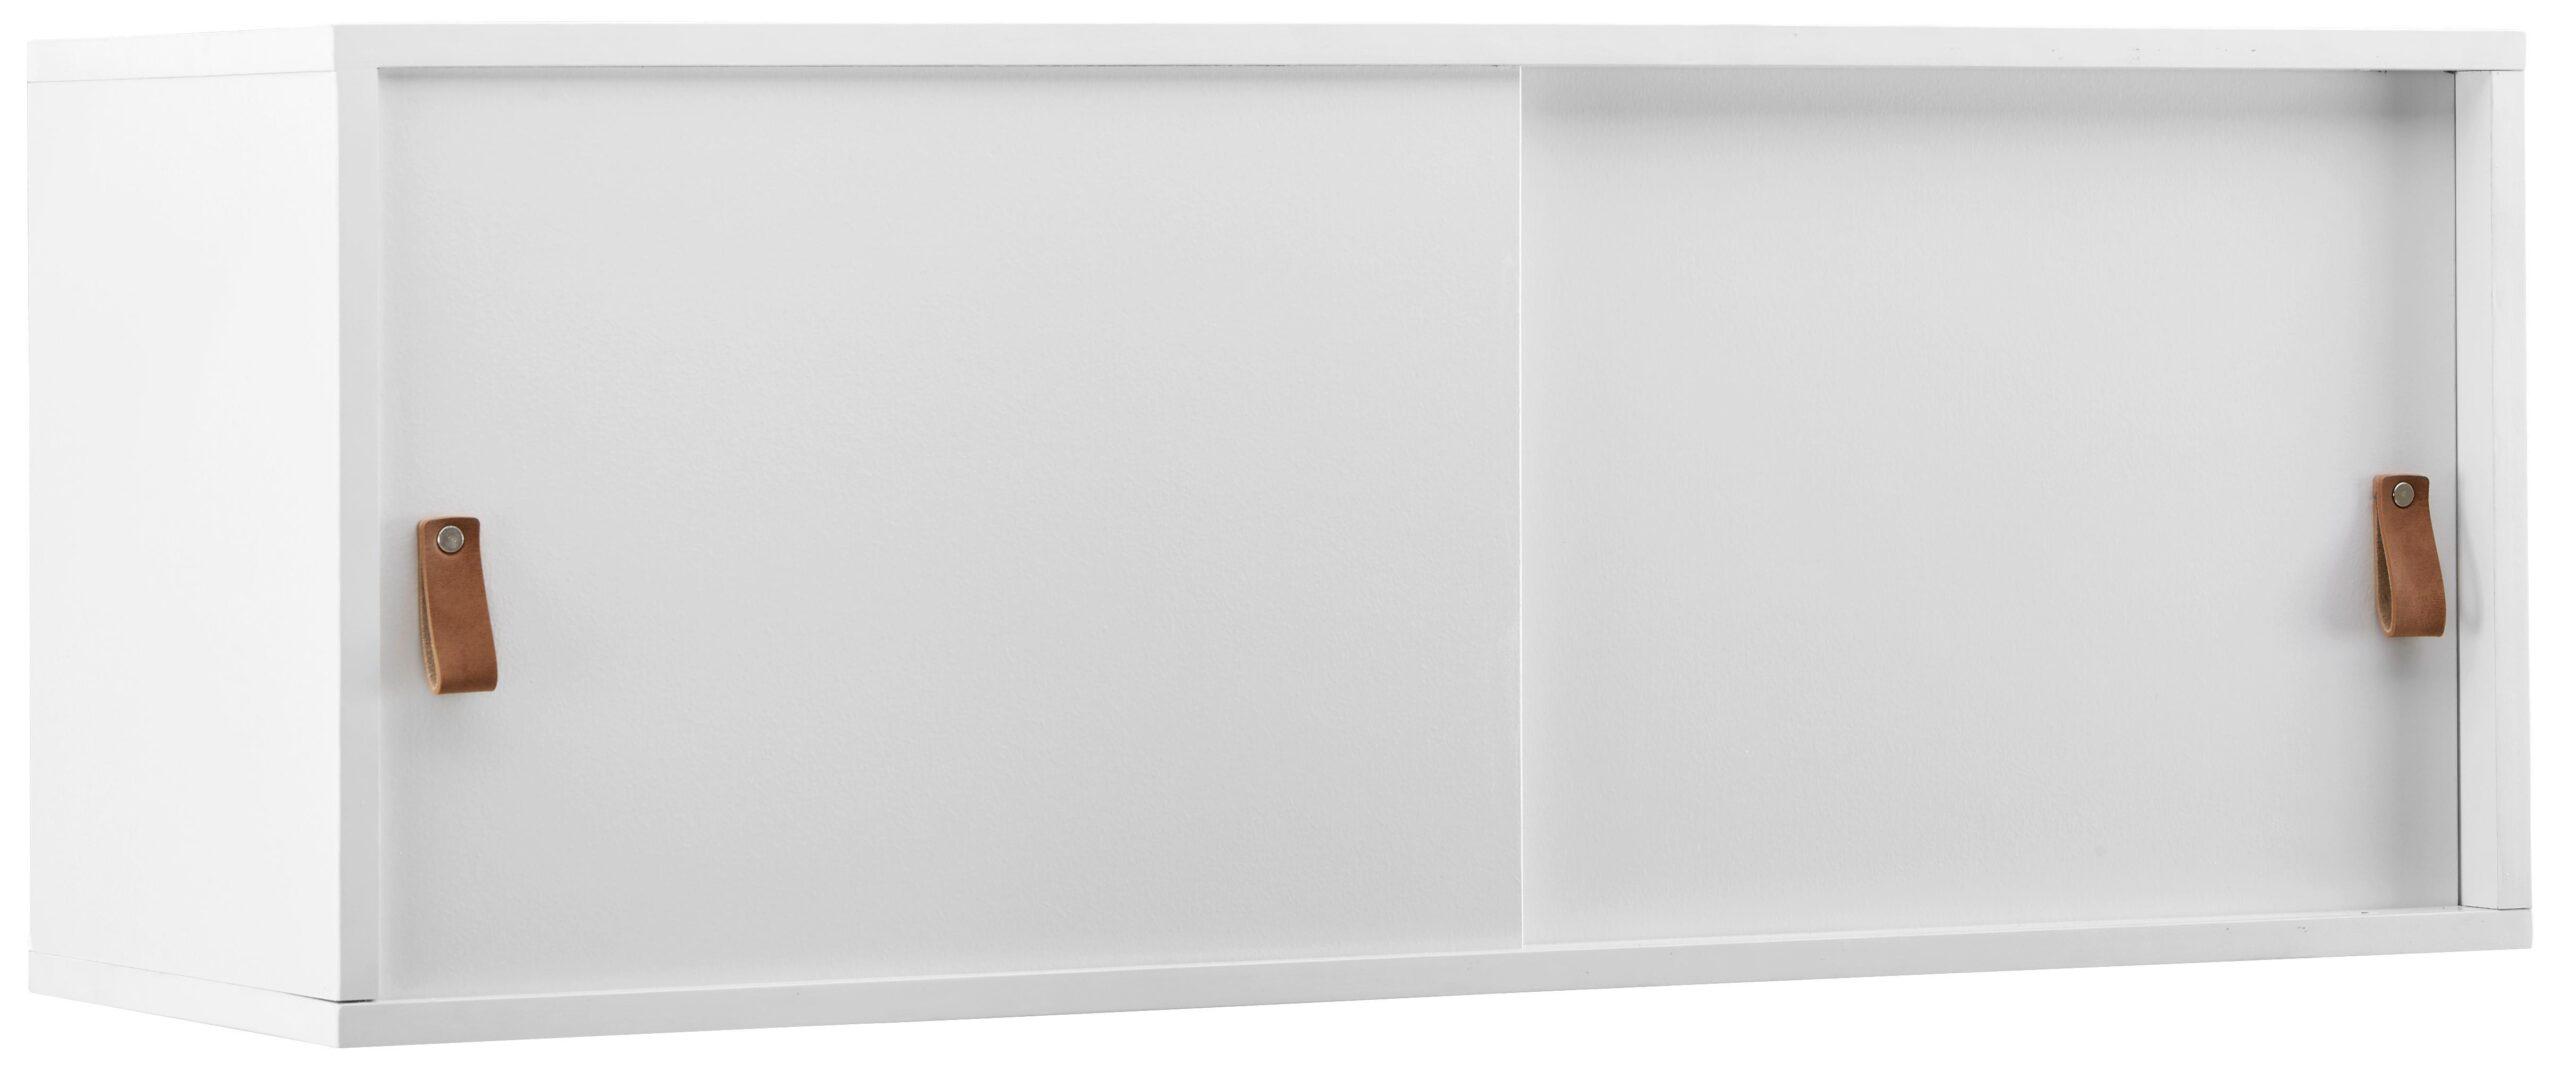 Full Size of Regale Jetzt Entdecken Mmax Betten 160x200 Tv Regal Werkstatt Bad Wandregal Bett Mit Stauraum Tisch Kombination Liegehöhe 60 Cm Auf Maß Getränkekisten Regal Regal 60 Cm Tief